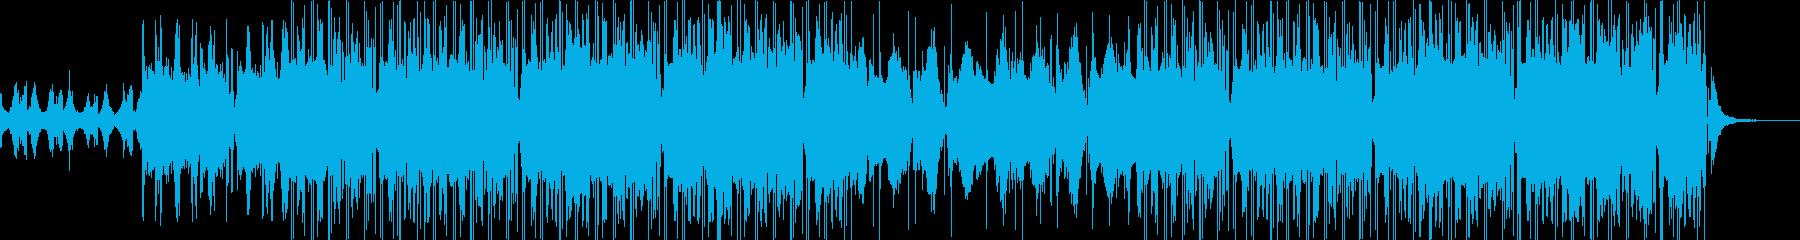 bpm108- 優しく穏やかなチルアウトの再生済みの波形